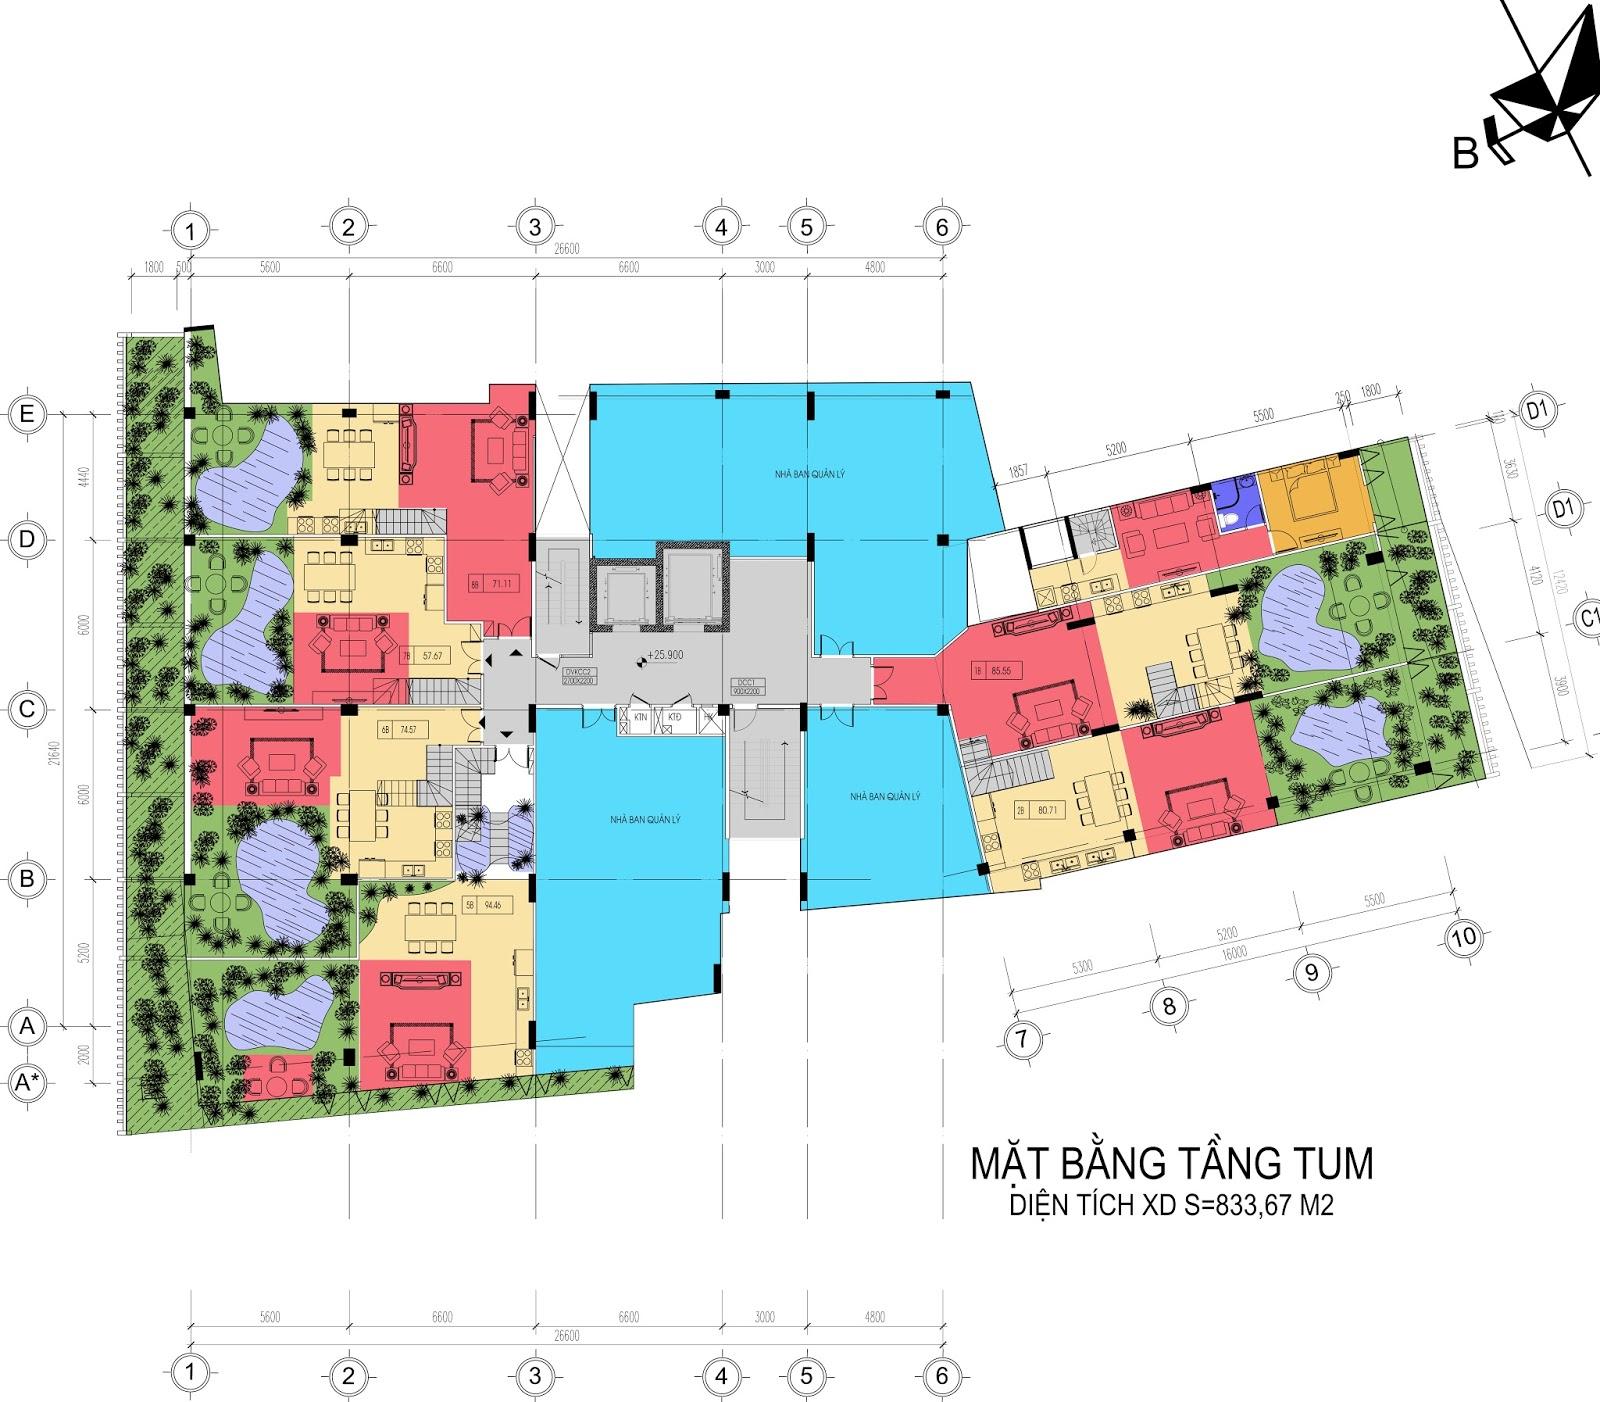 Mặt bằng tầng Penhouse chung cư Núi Trúc Square